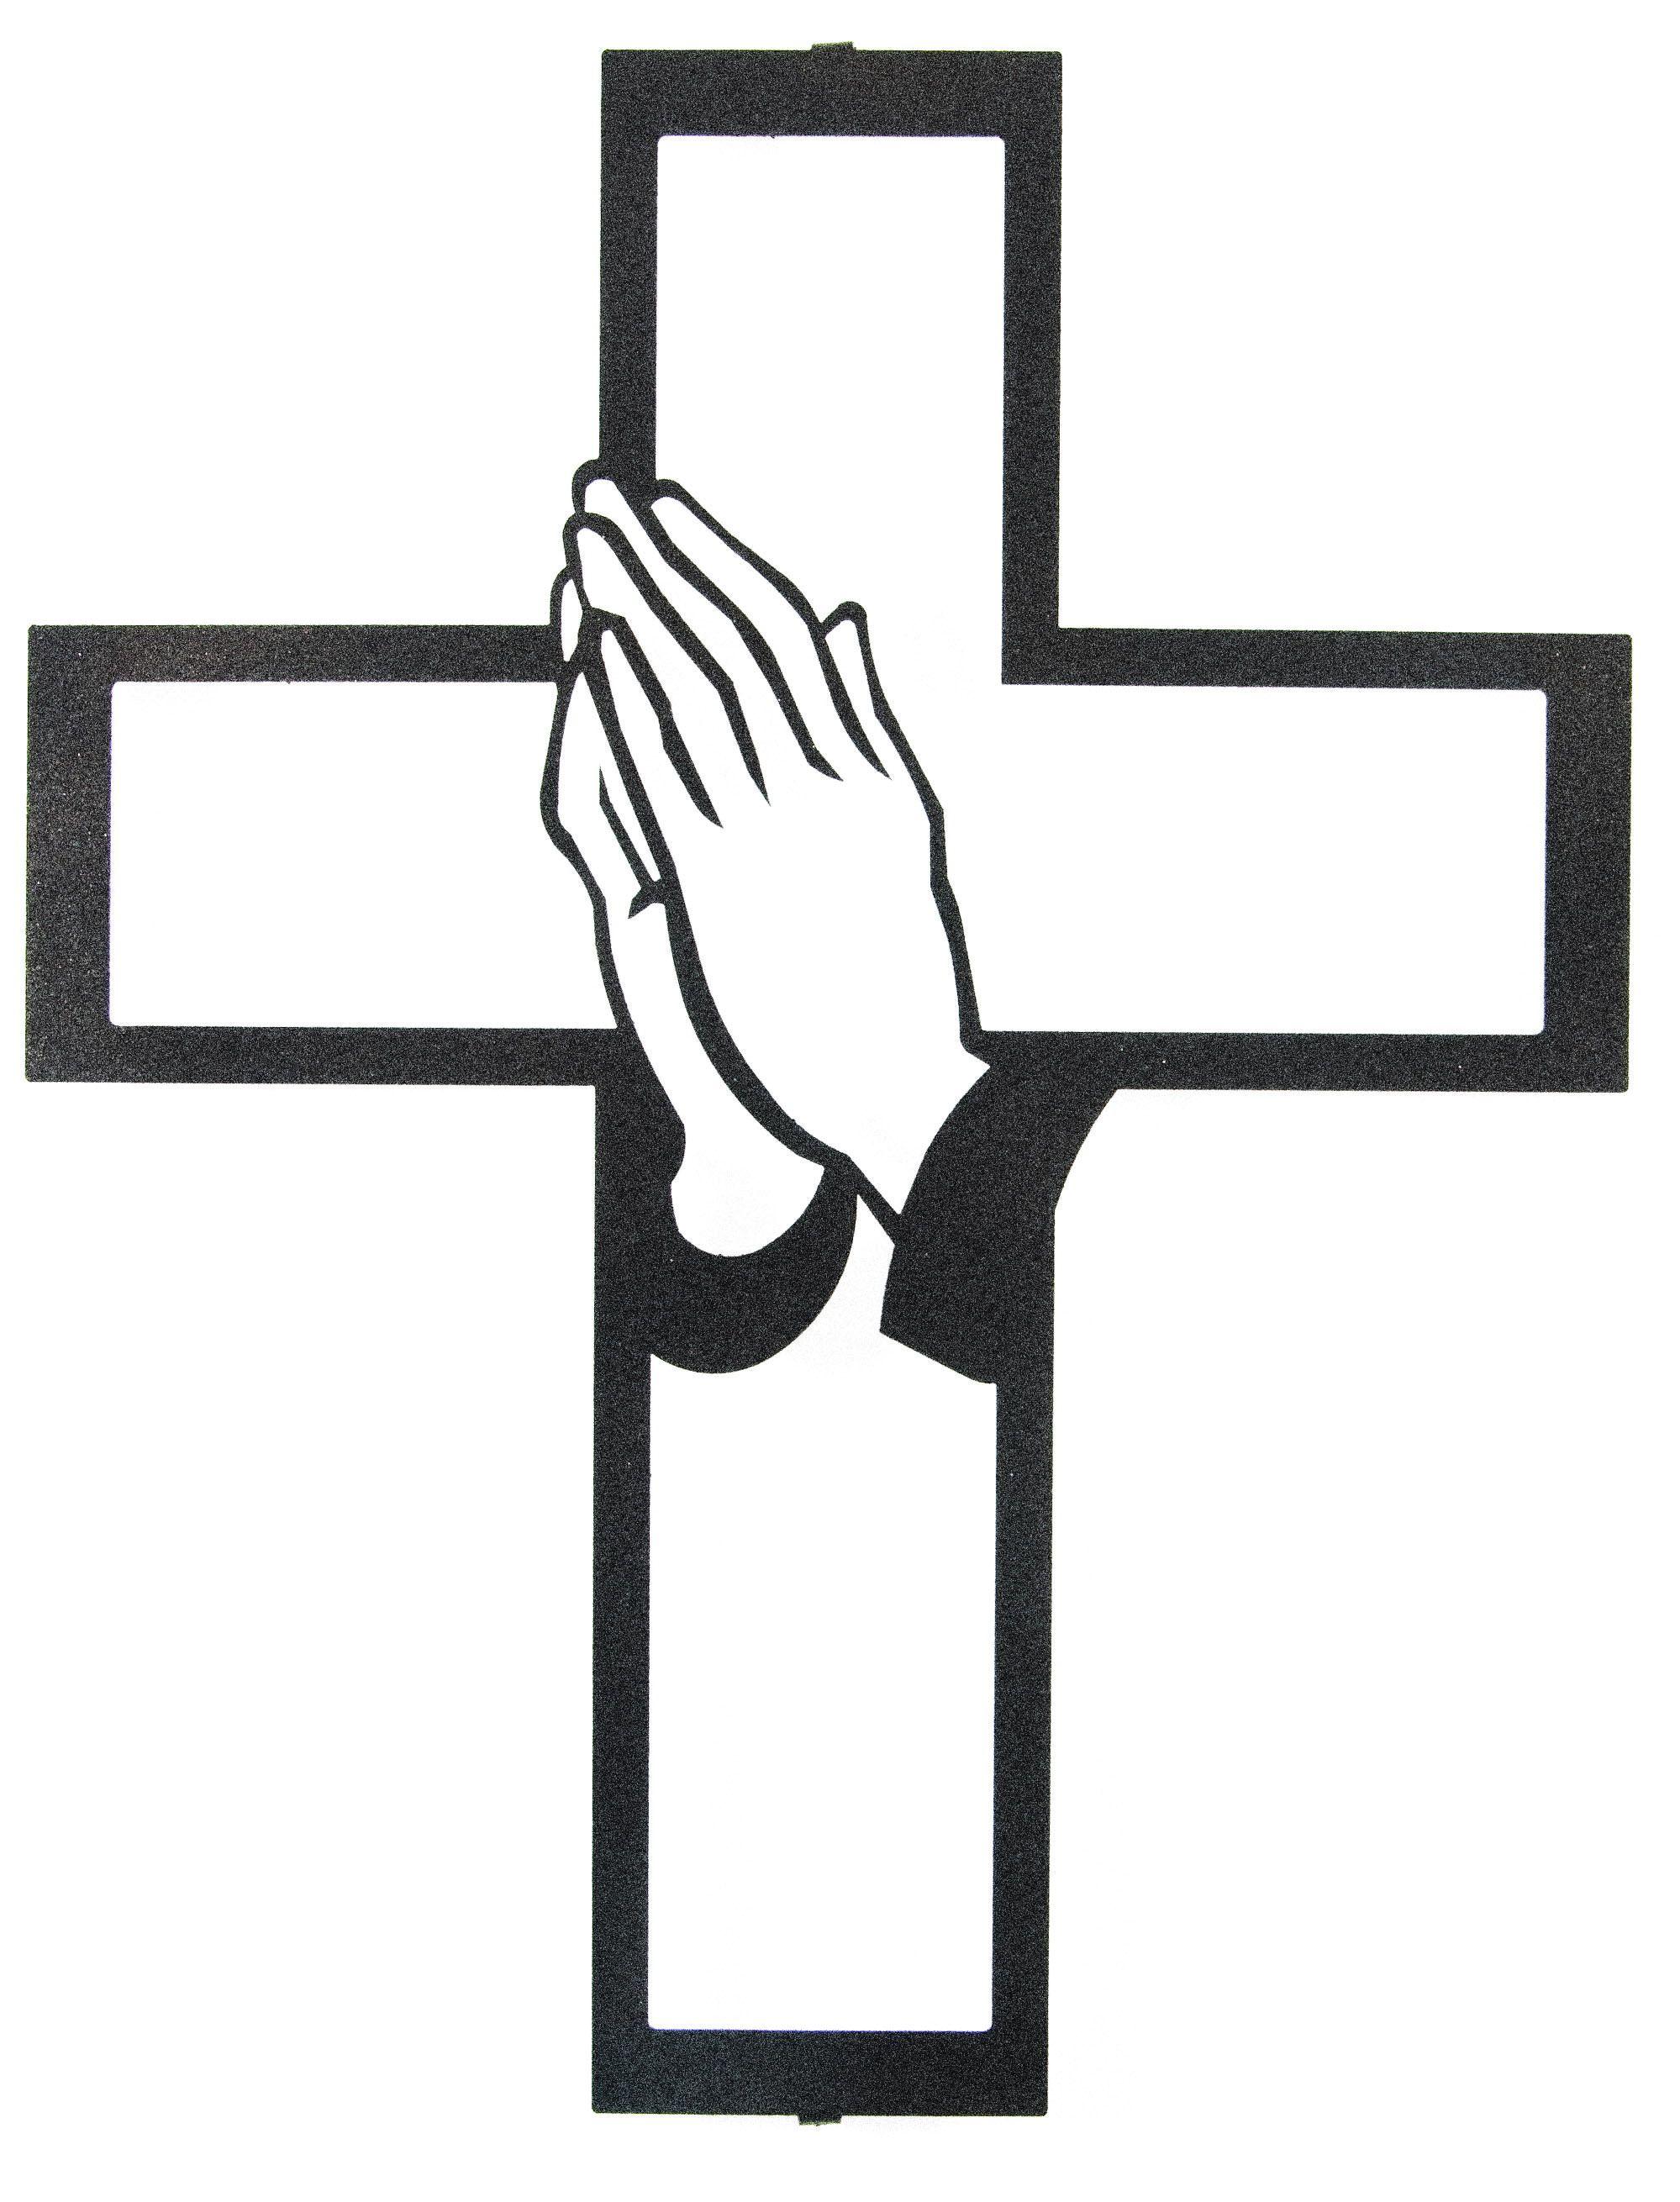 Praying Hands Cross Praying Hands Hand Silhouette Clip Art